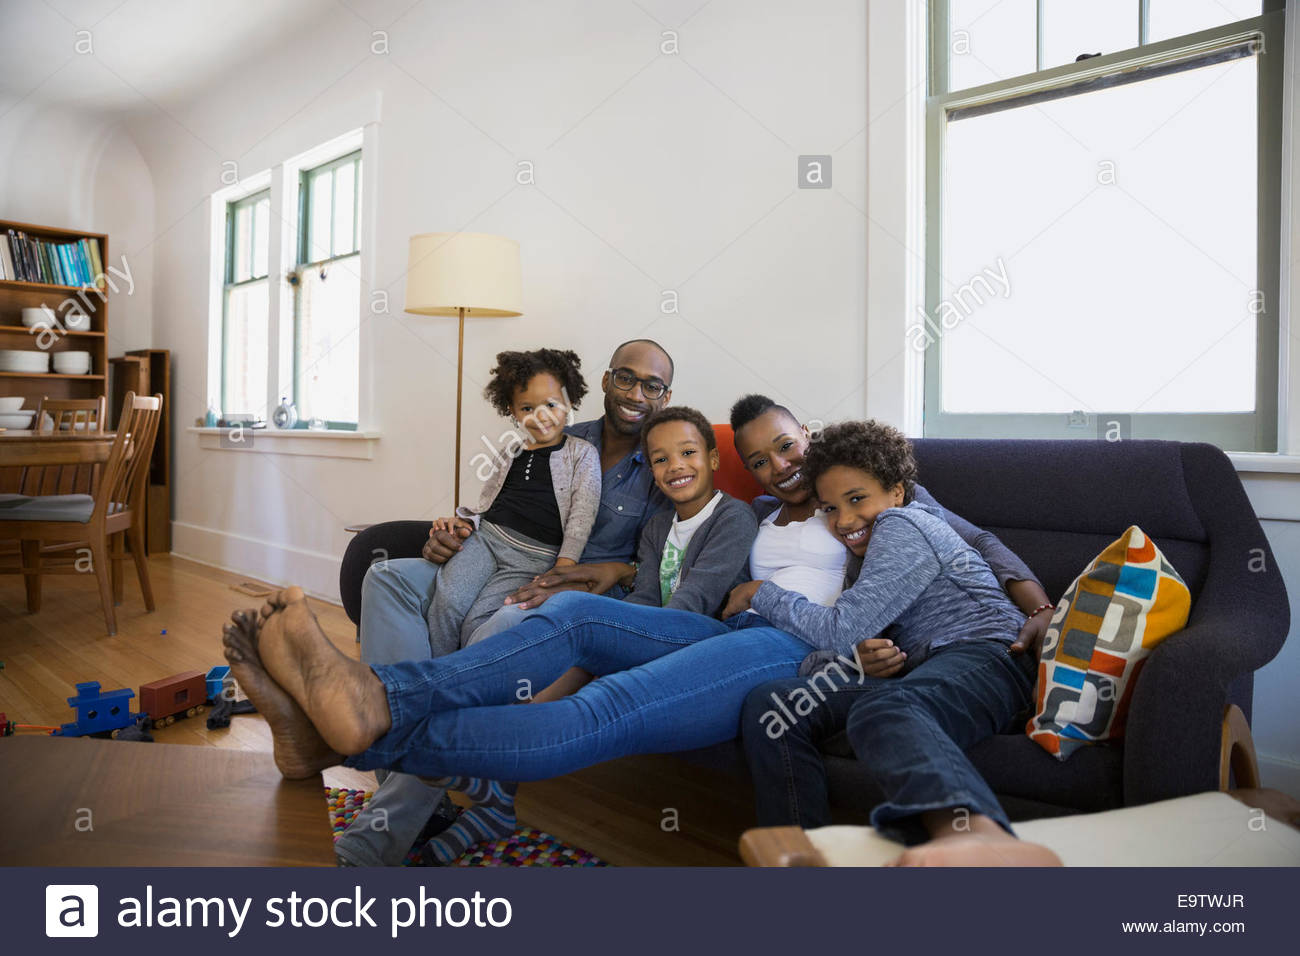 Porträt des Lächelns Familie auf dem Sofa im Wohnzimmer Stockbild